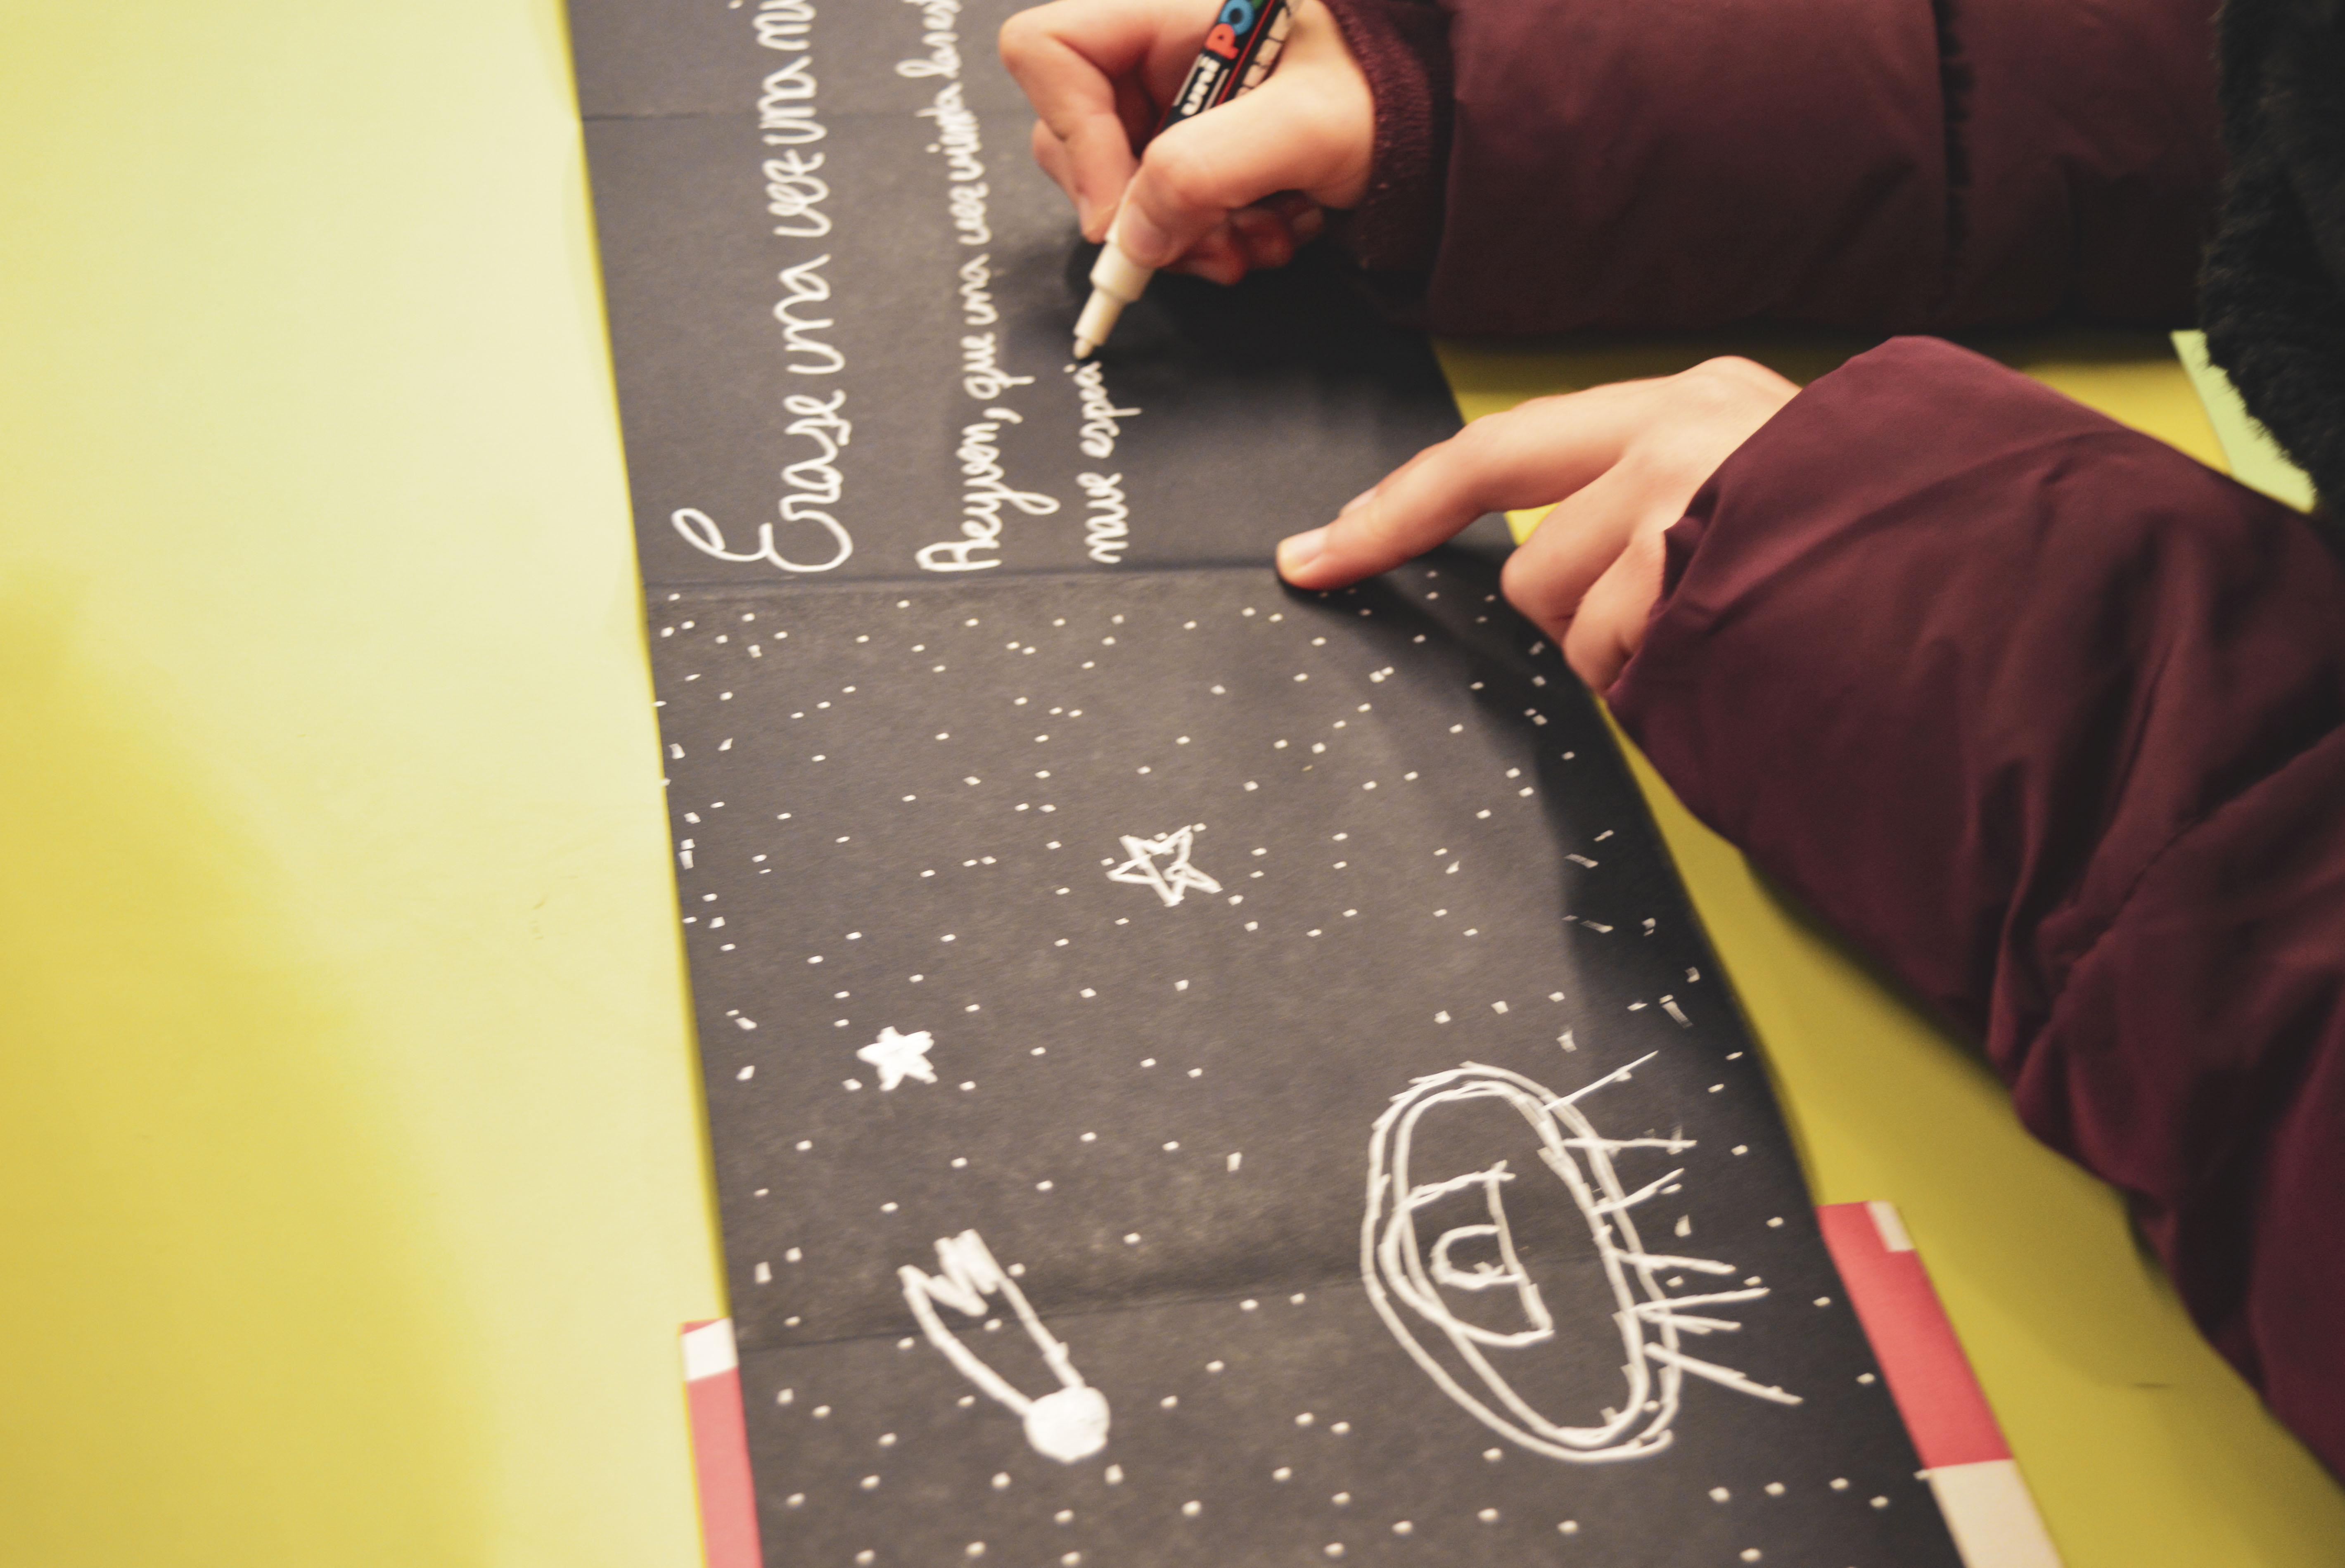 La cumbre de Gran Canaria se convierte en el escenario de 70 cuentos de escolares de Tejeda y Artenara